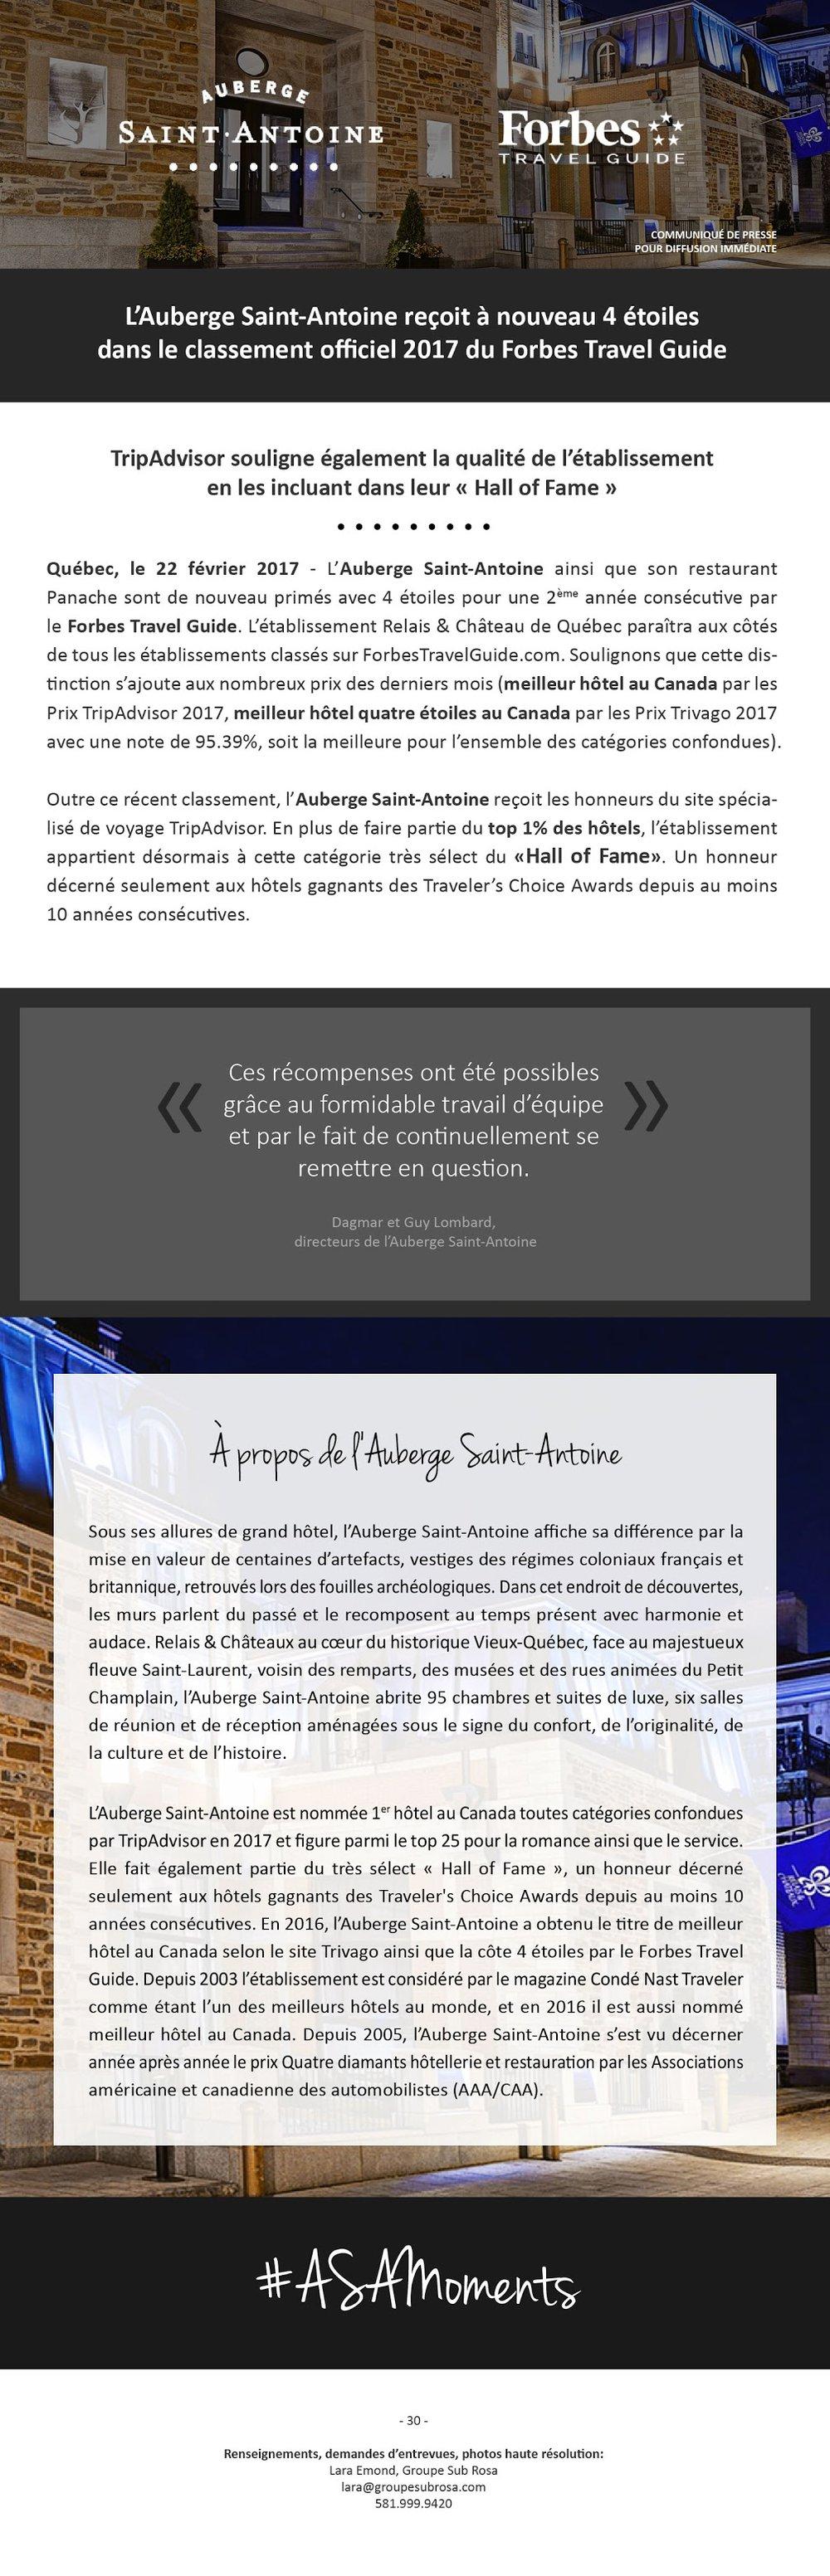 Auberge Saint-Antoine - 22 février 2017